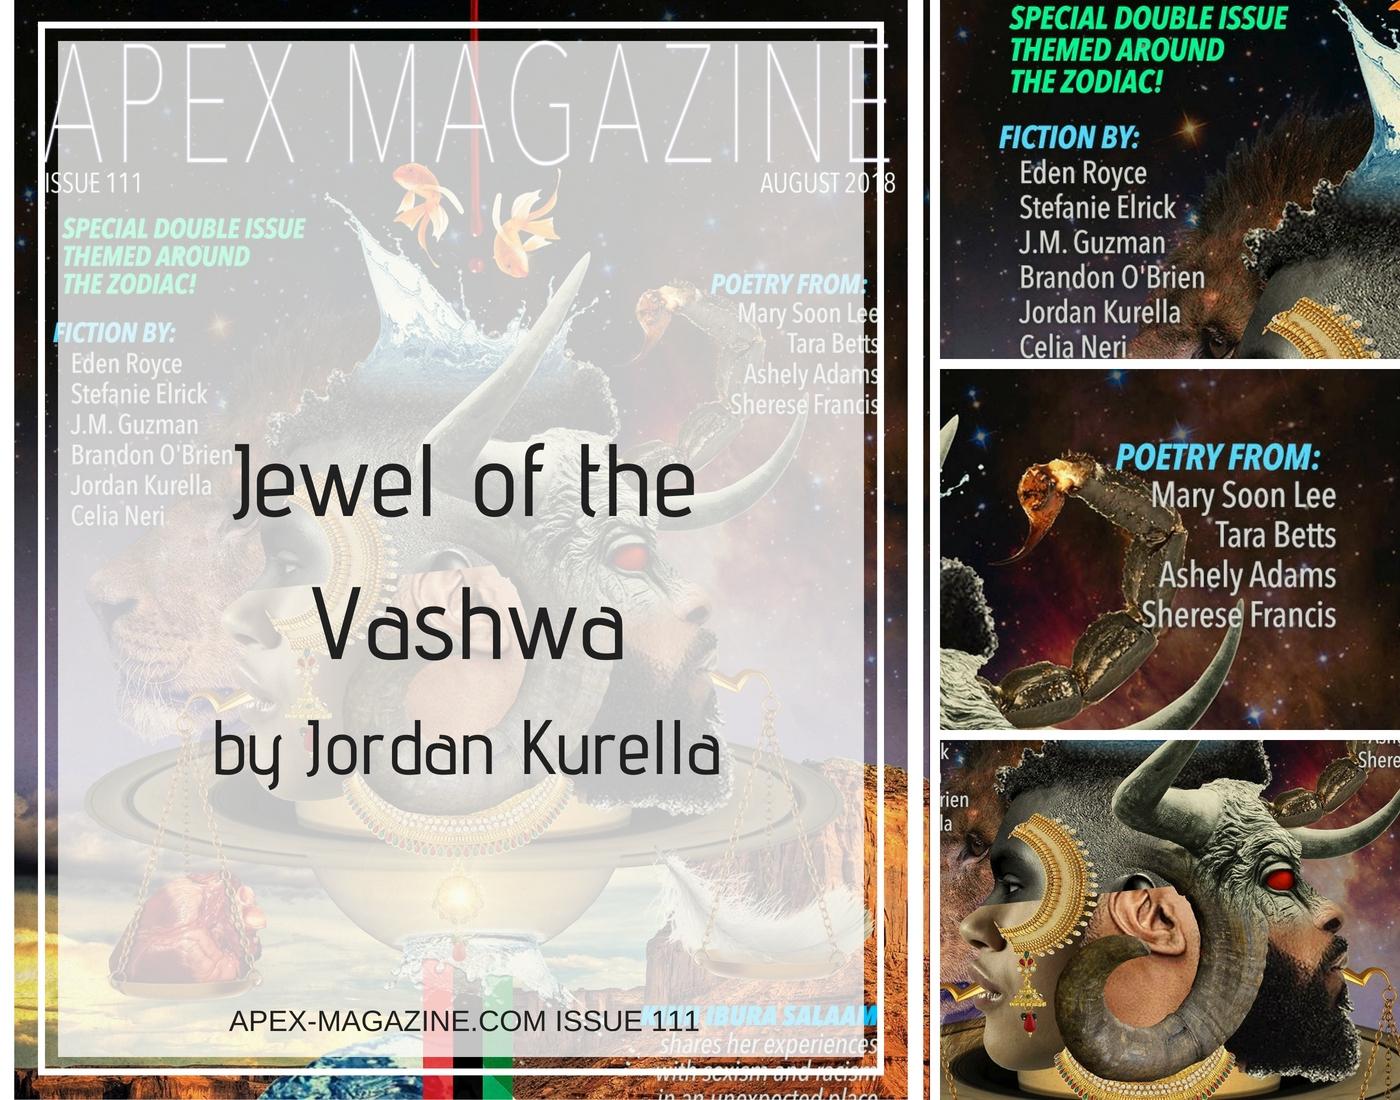 Jewel of the Vashwa